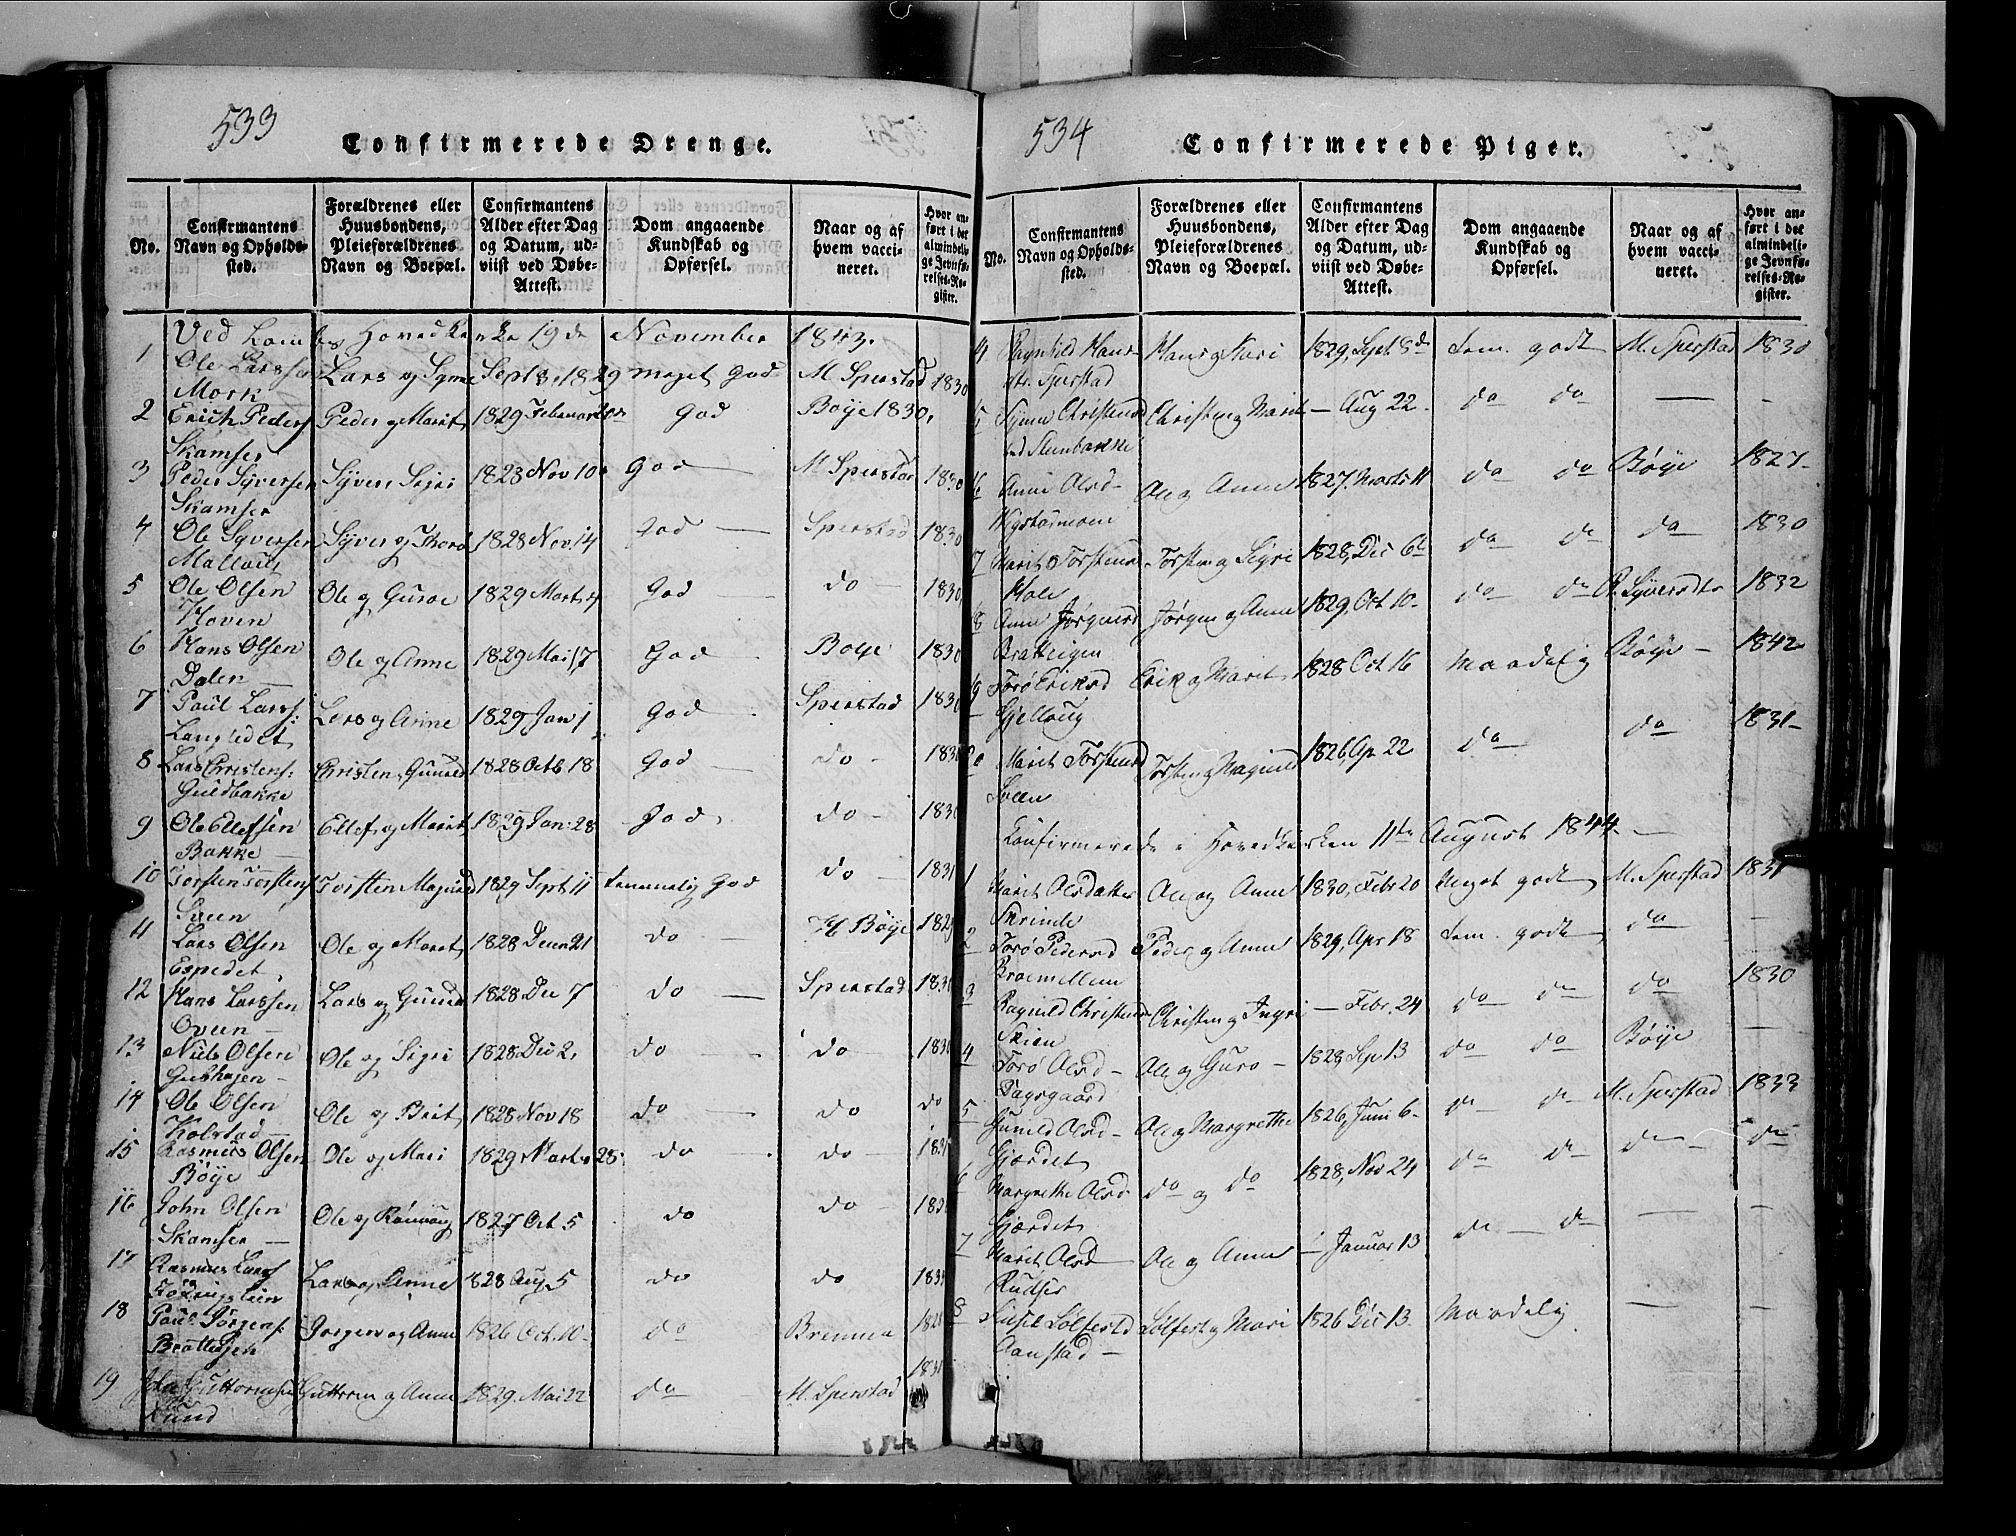 SAH, Lom prestekontor, L/L0003: Klokkerbok nr. 3, 1815-1844, s. 533-534